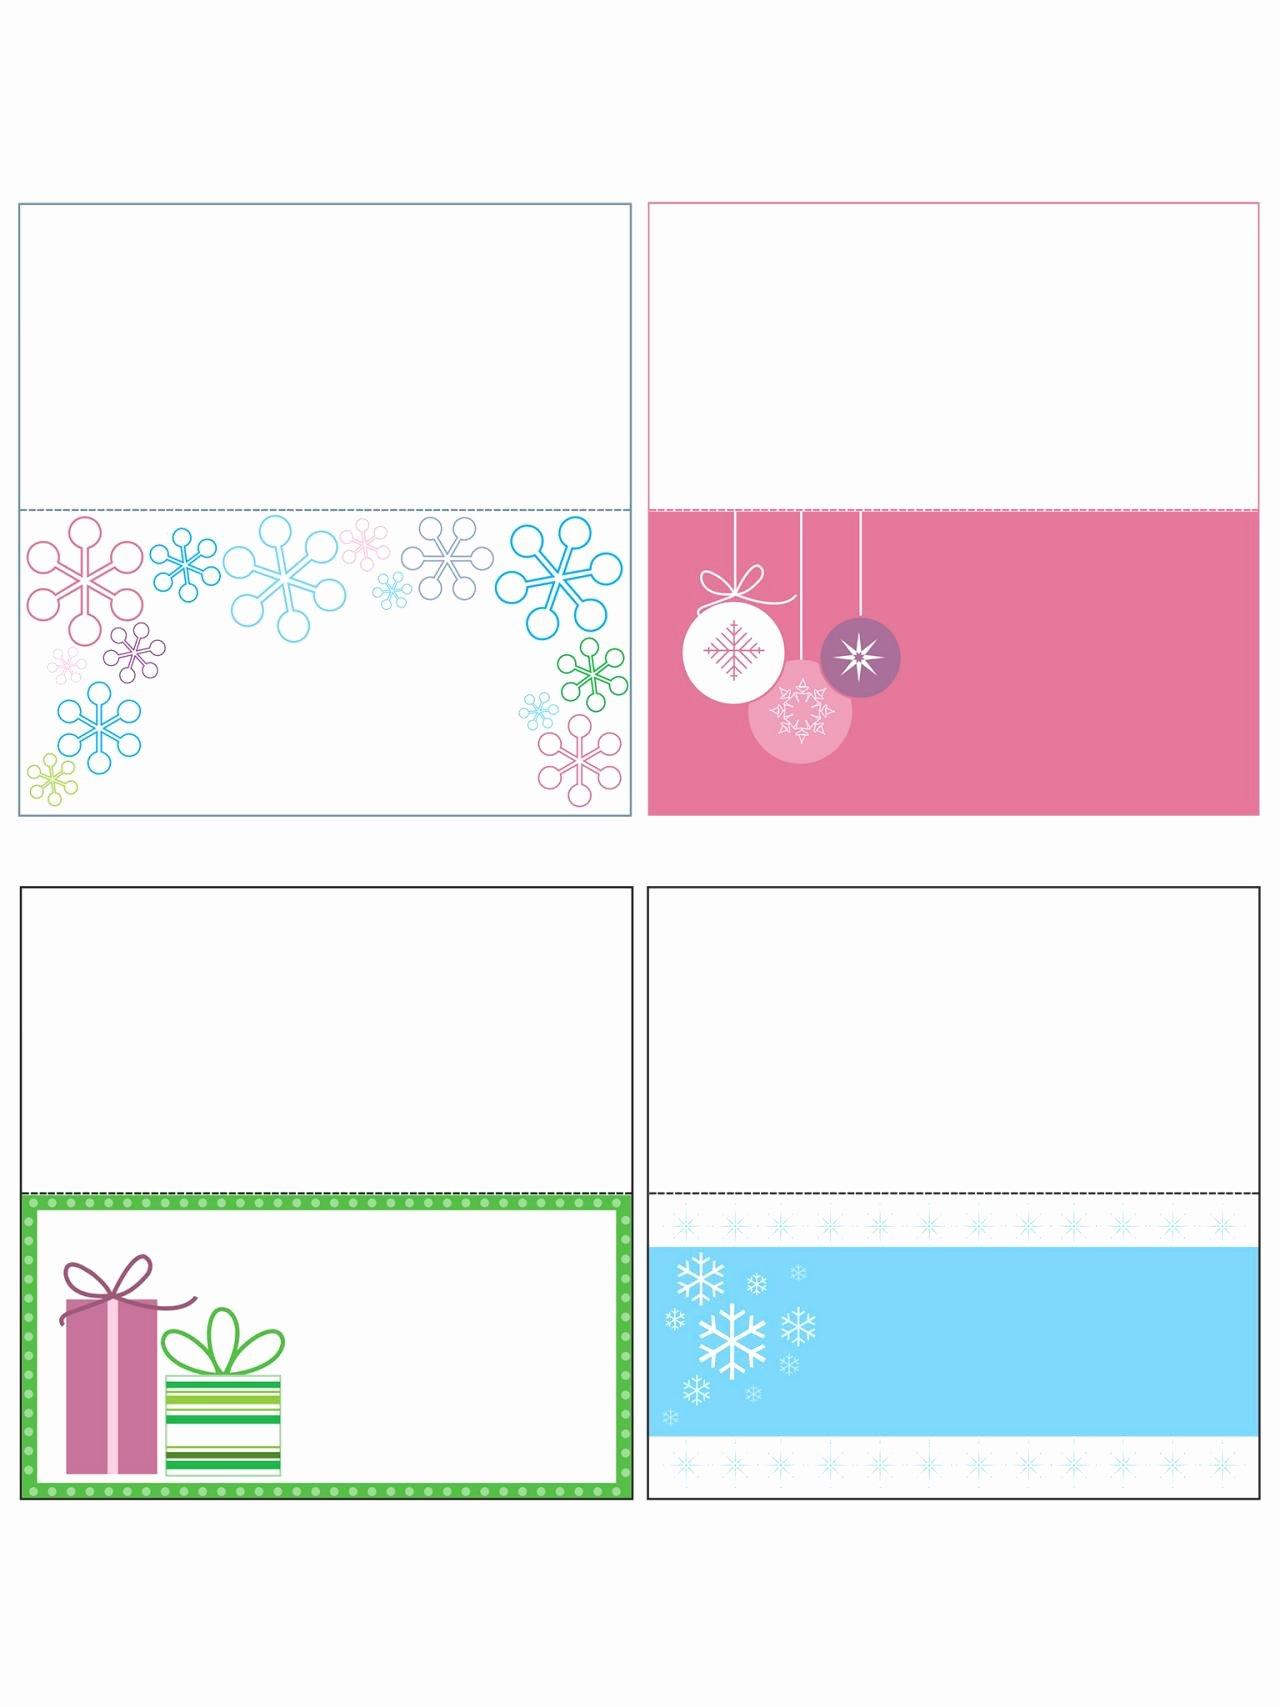 Name Card Templates for Christmas – Fun for Christmas